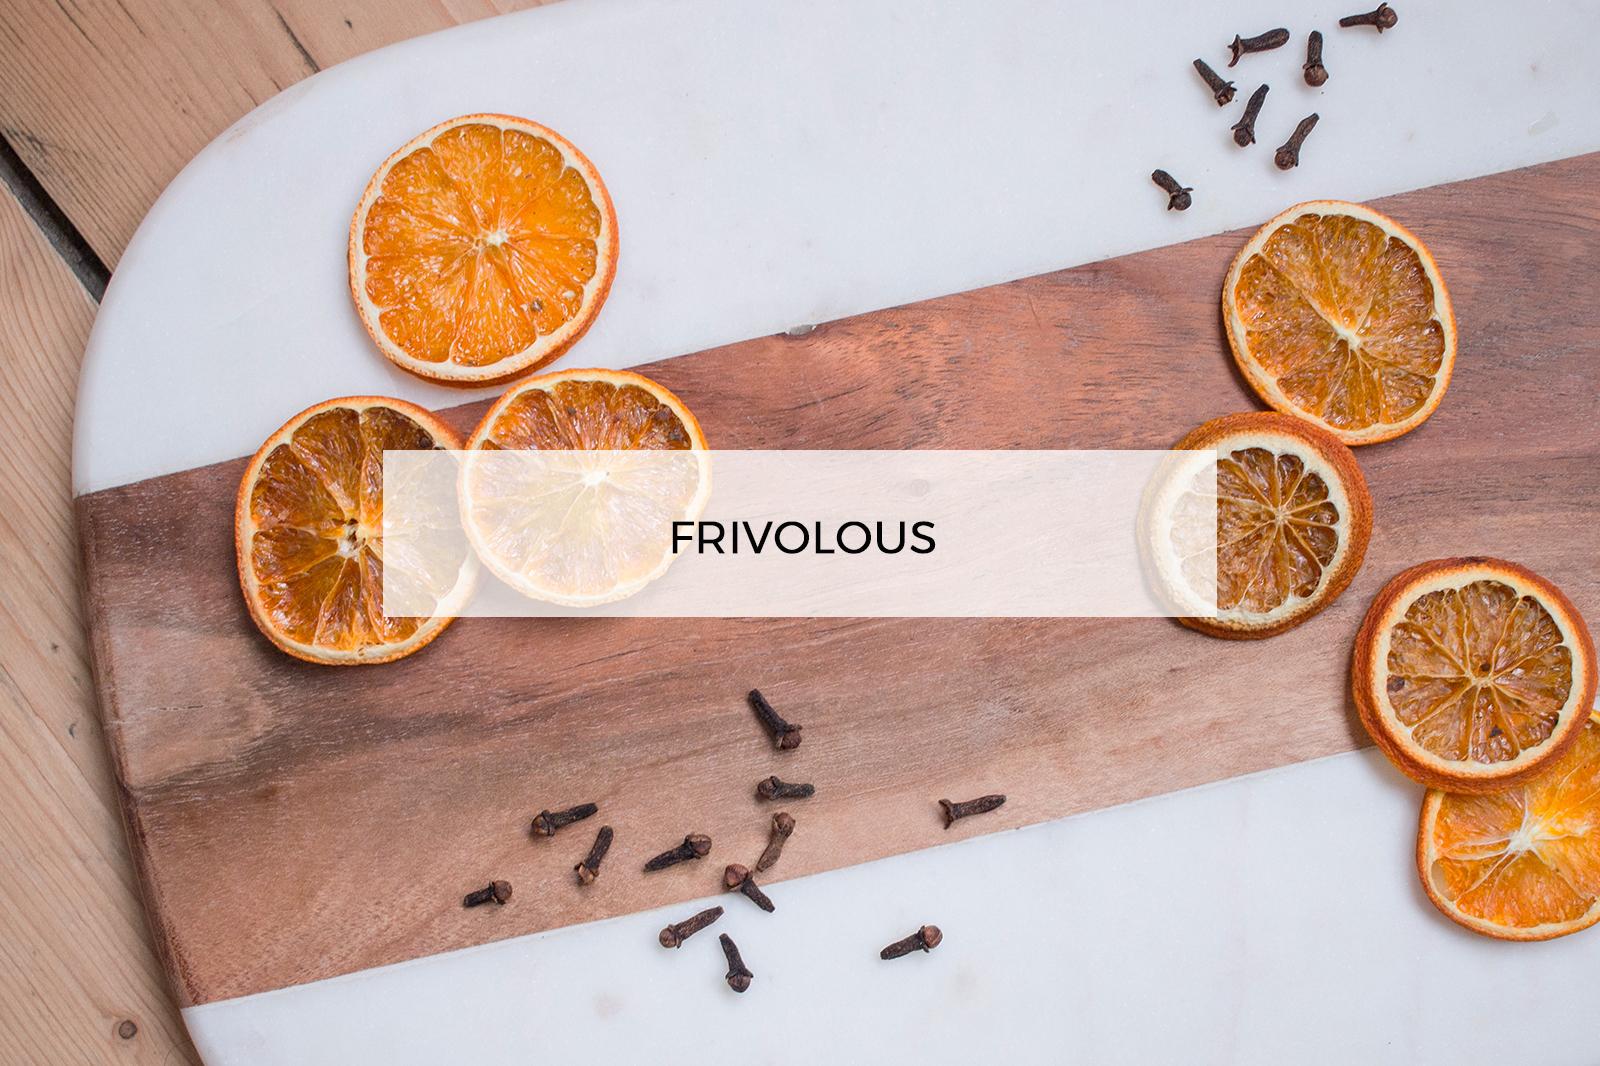 Maddi Alexander Frivolous fragrance